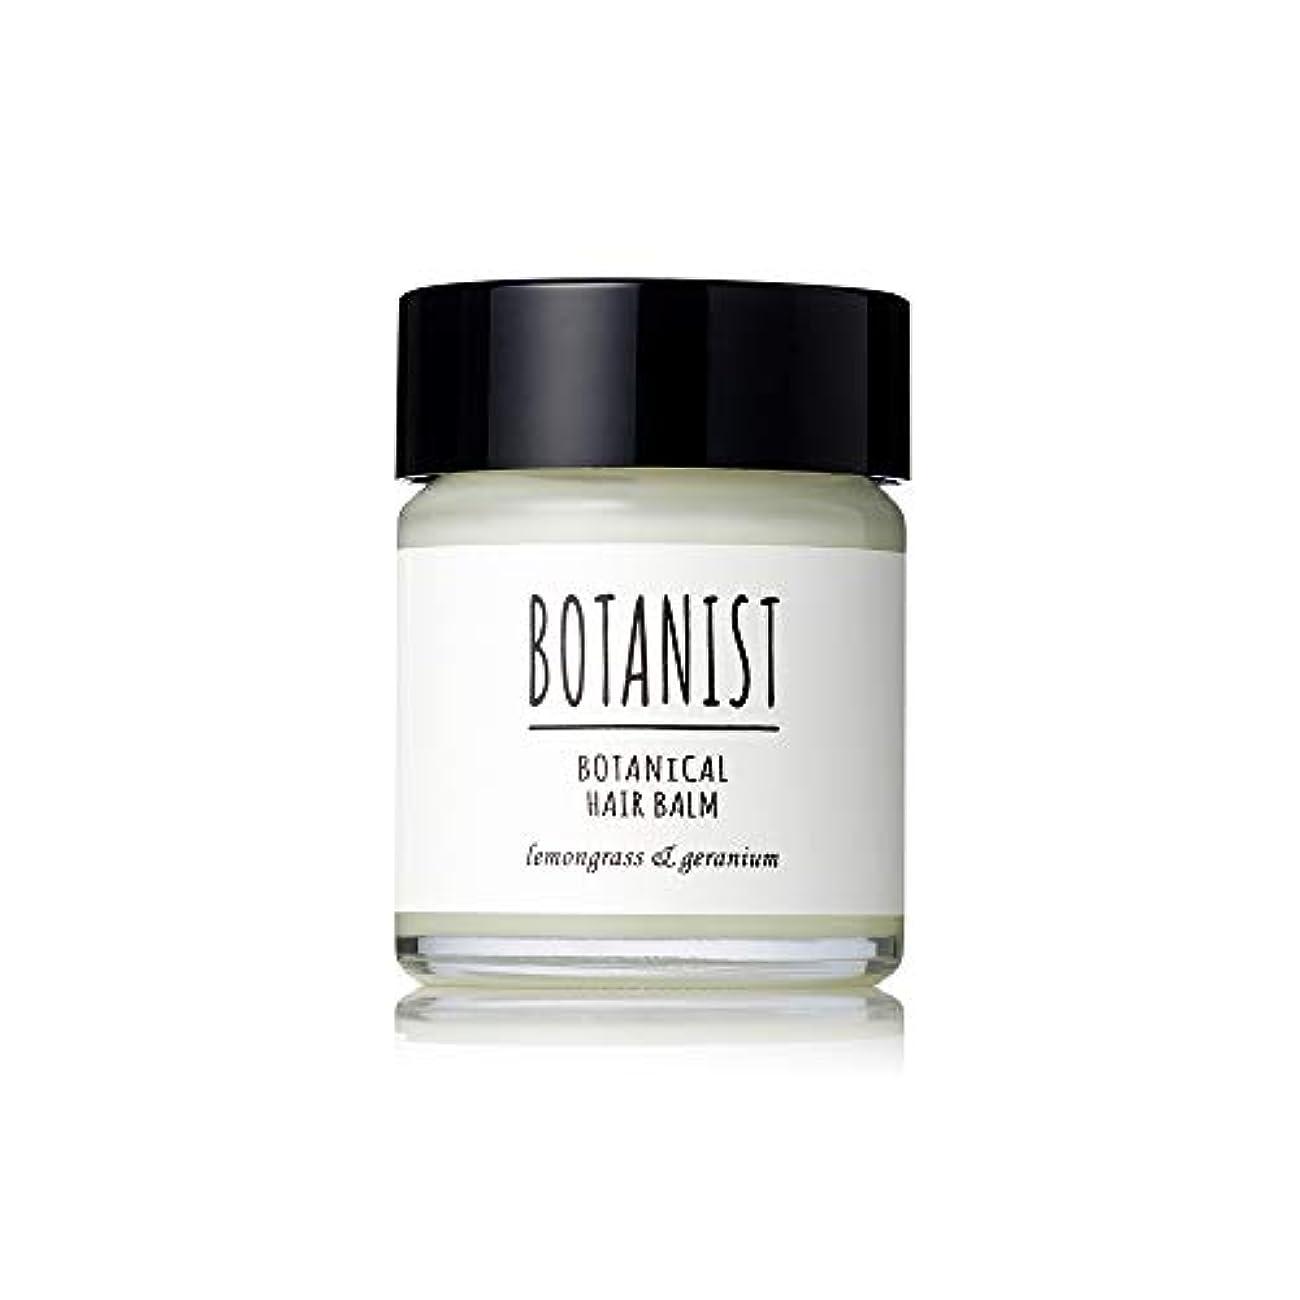 前奏曲花瓶橋BOTANIST ボタニスト ボタニカルヘアバーム 32g レモングラス&ゼラニウムの香り